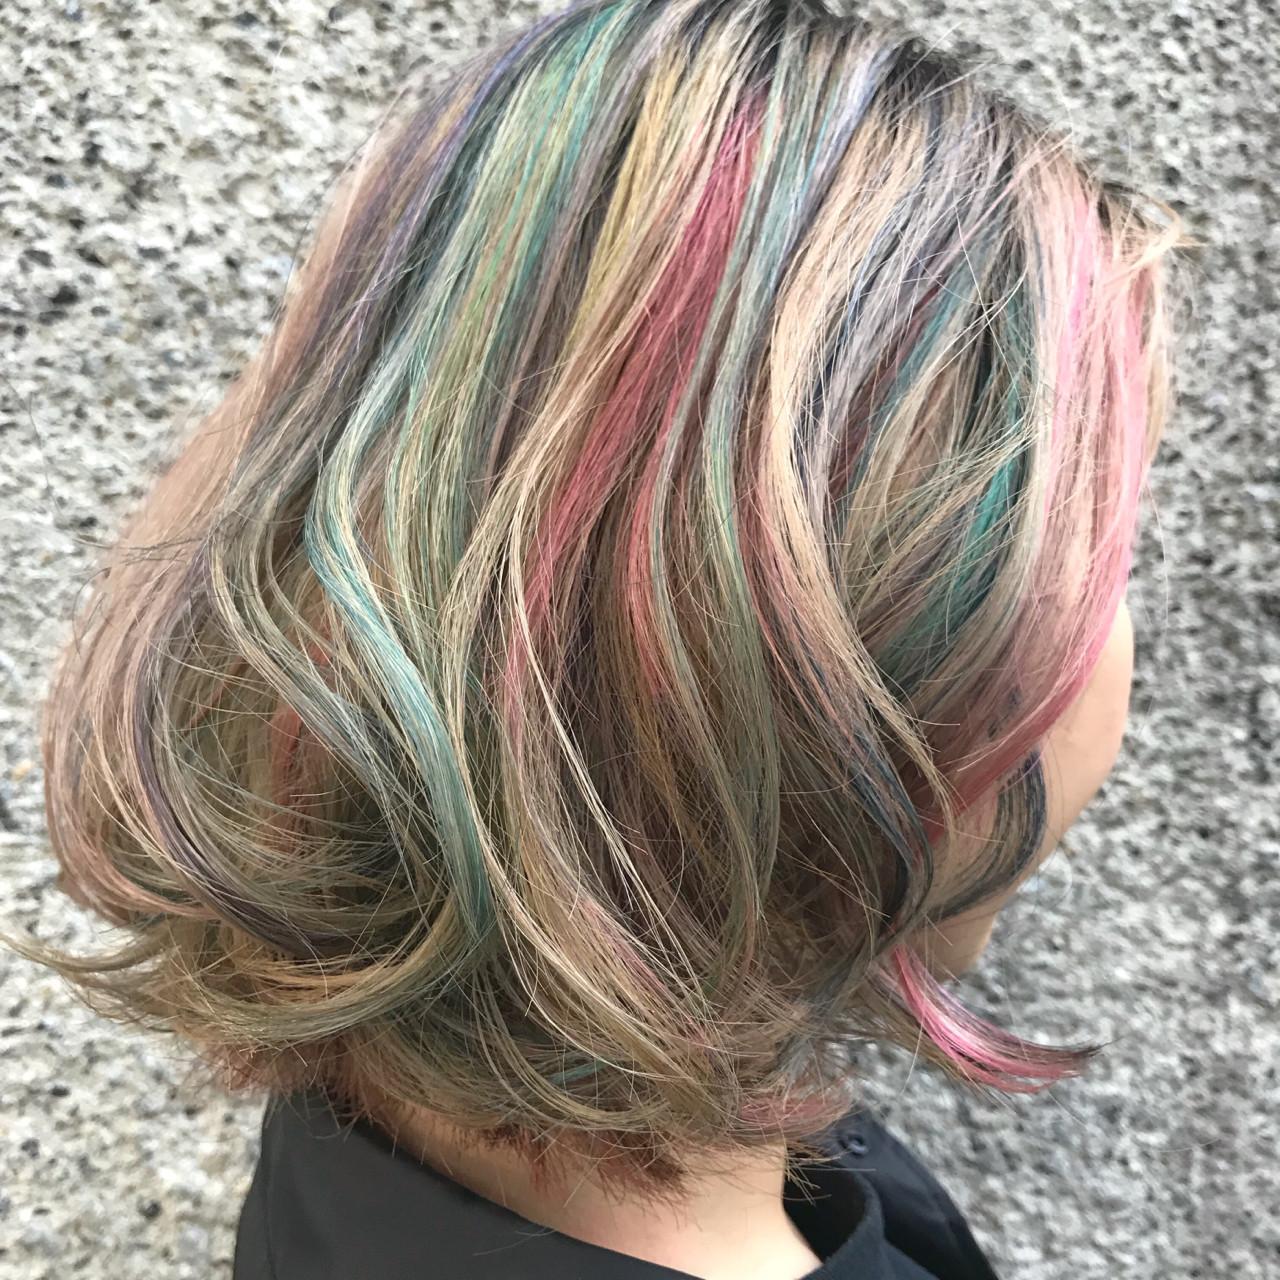 カラフルカラー ダブルカラー 外国人風カラー ミディアム ヘアスタイルや髪型の写真・画像